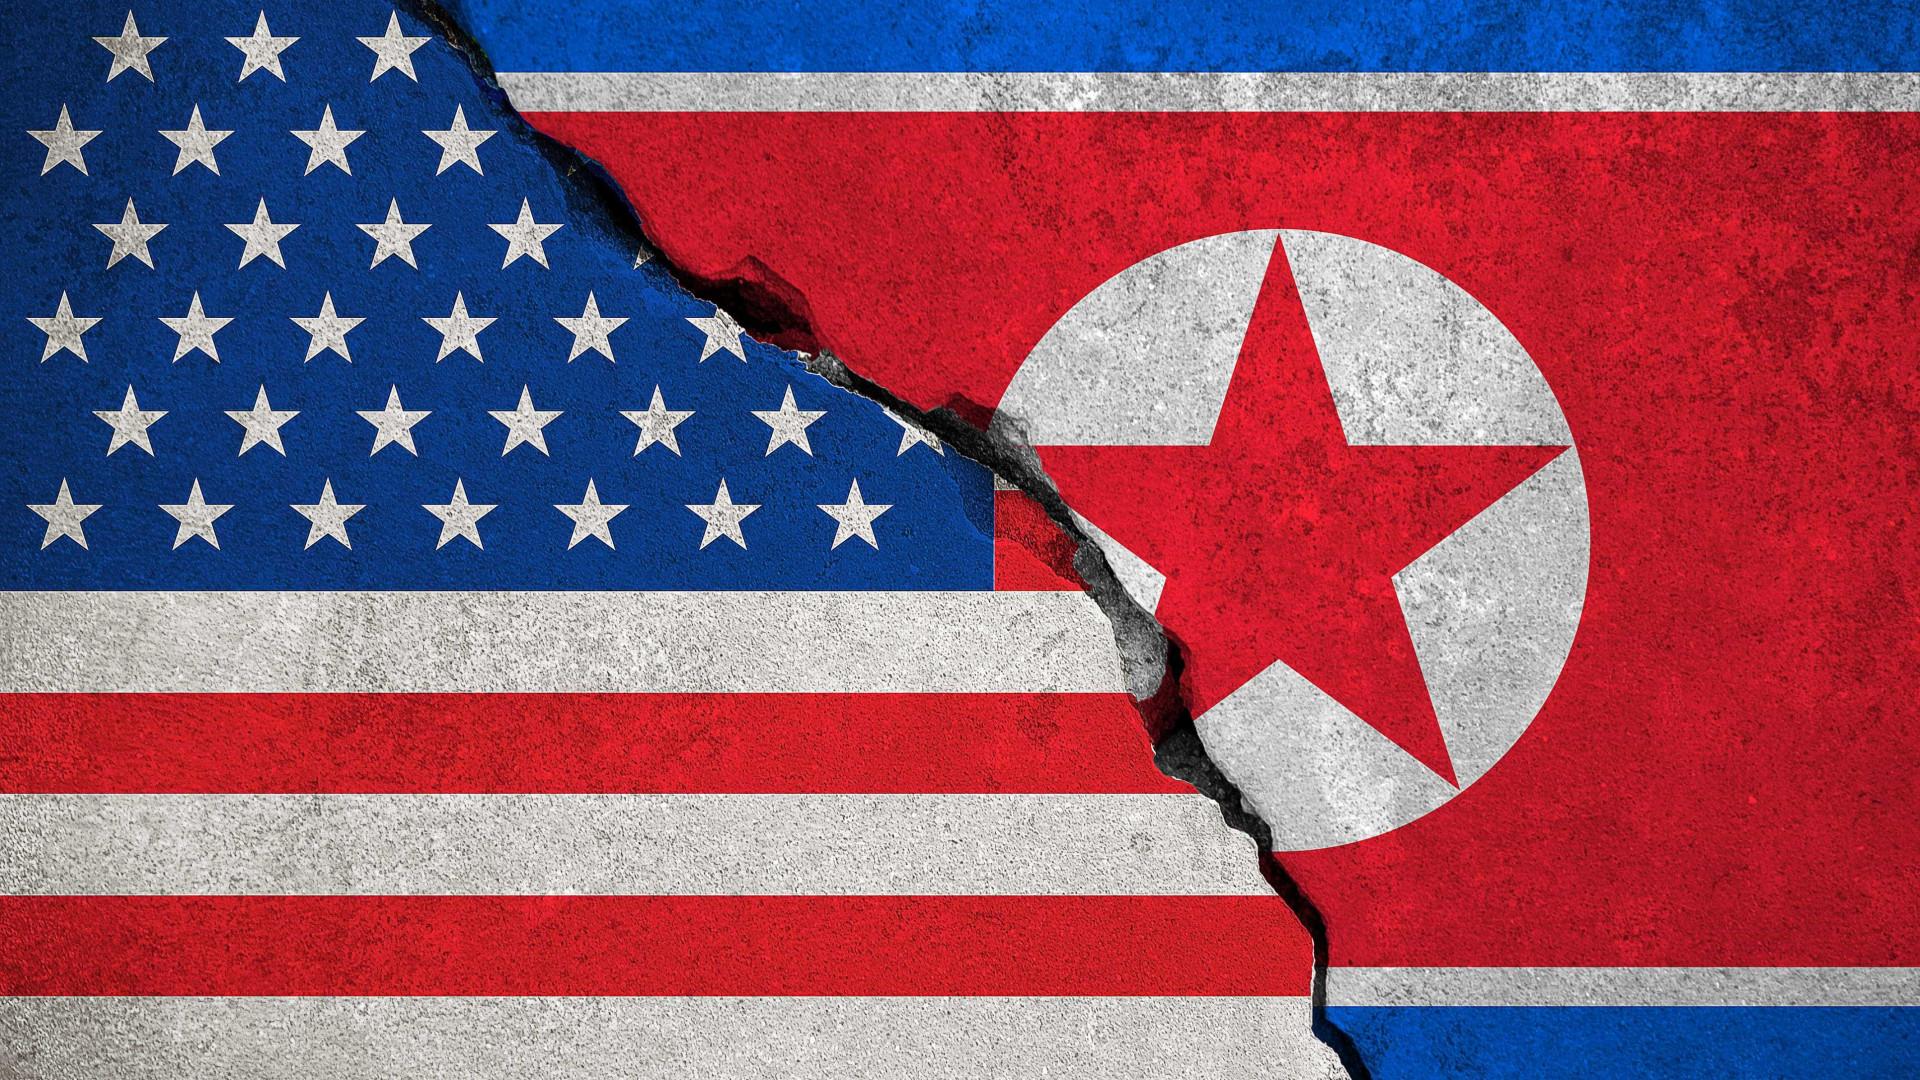 EUA esperam que oferta de diálogo à Coreia avance para desnuclearização